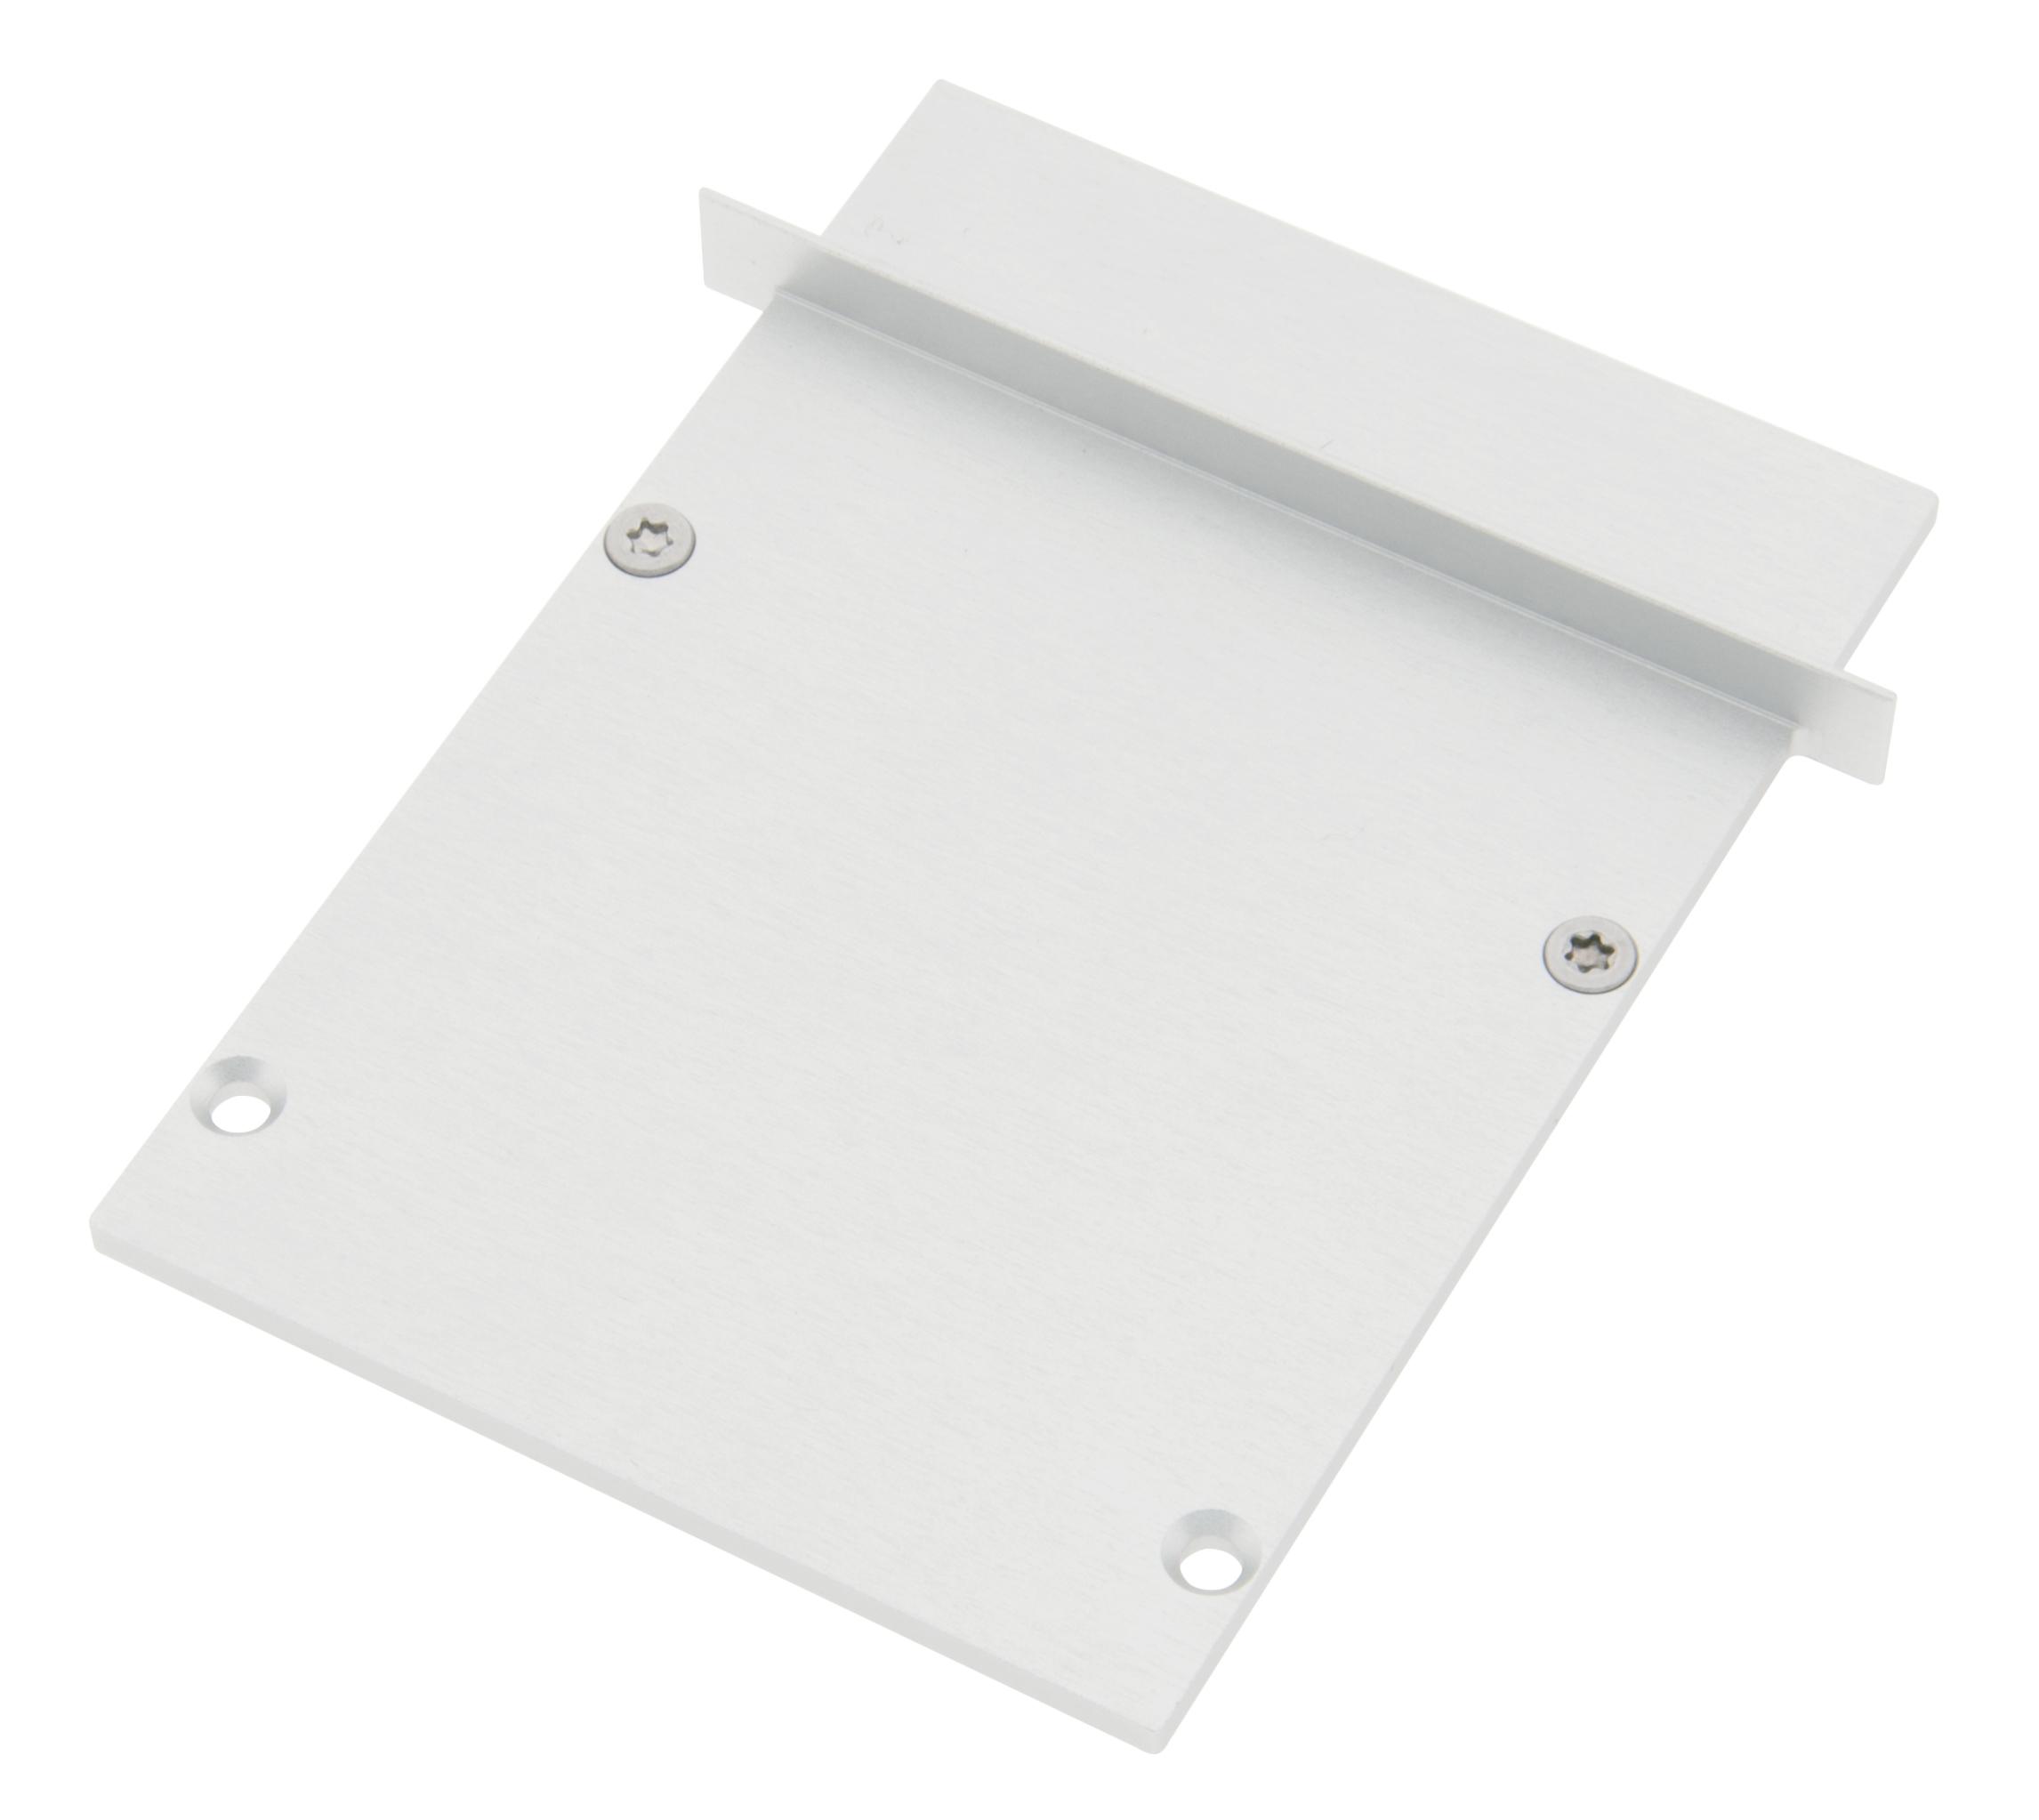 1 Stk Profil Endkappe SLT Eckig geschlossen inkl. Schrauben LIEK003520